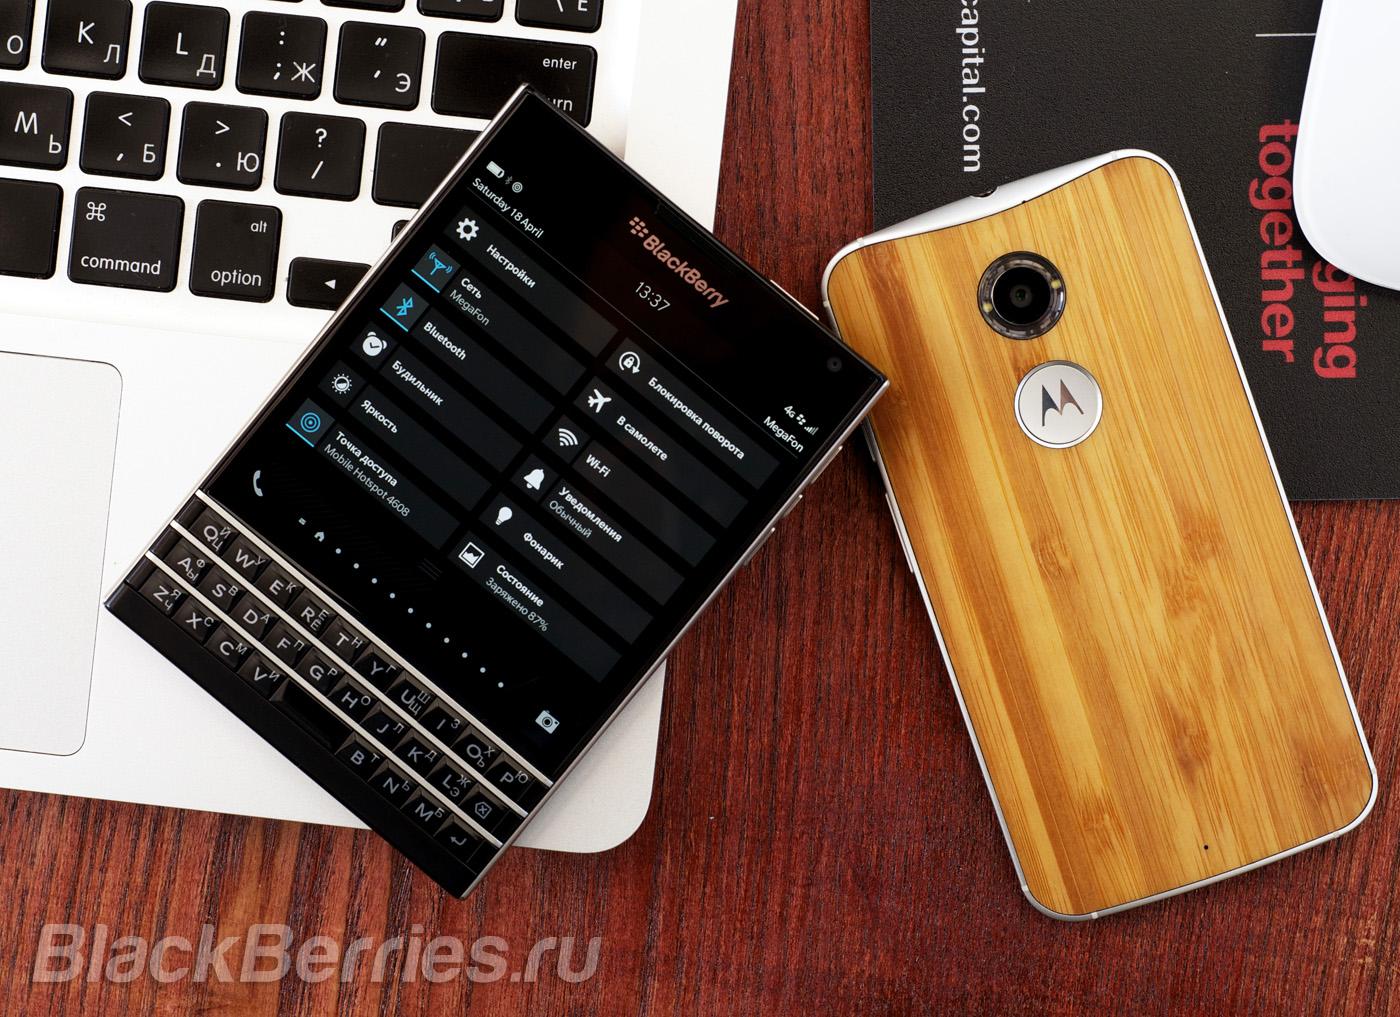 BlackBerry-Passport-Hot-Spot